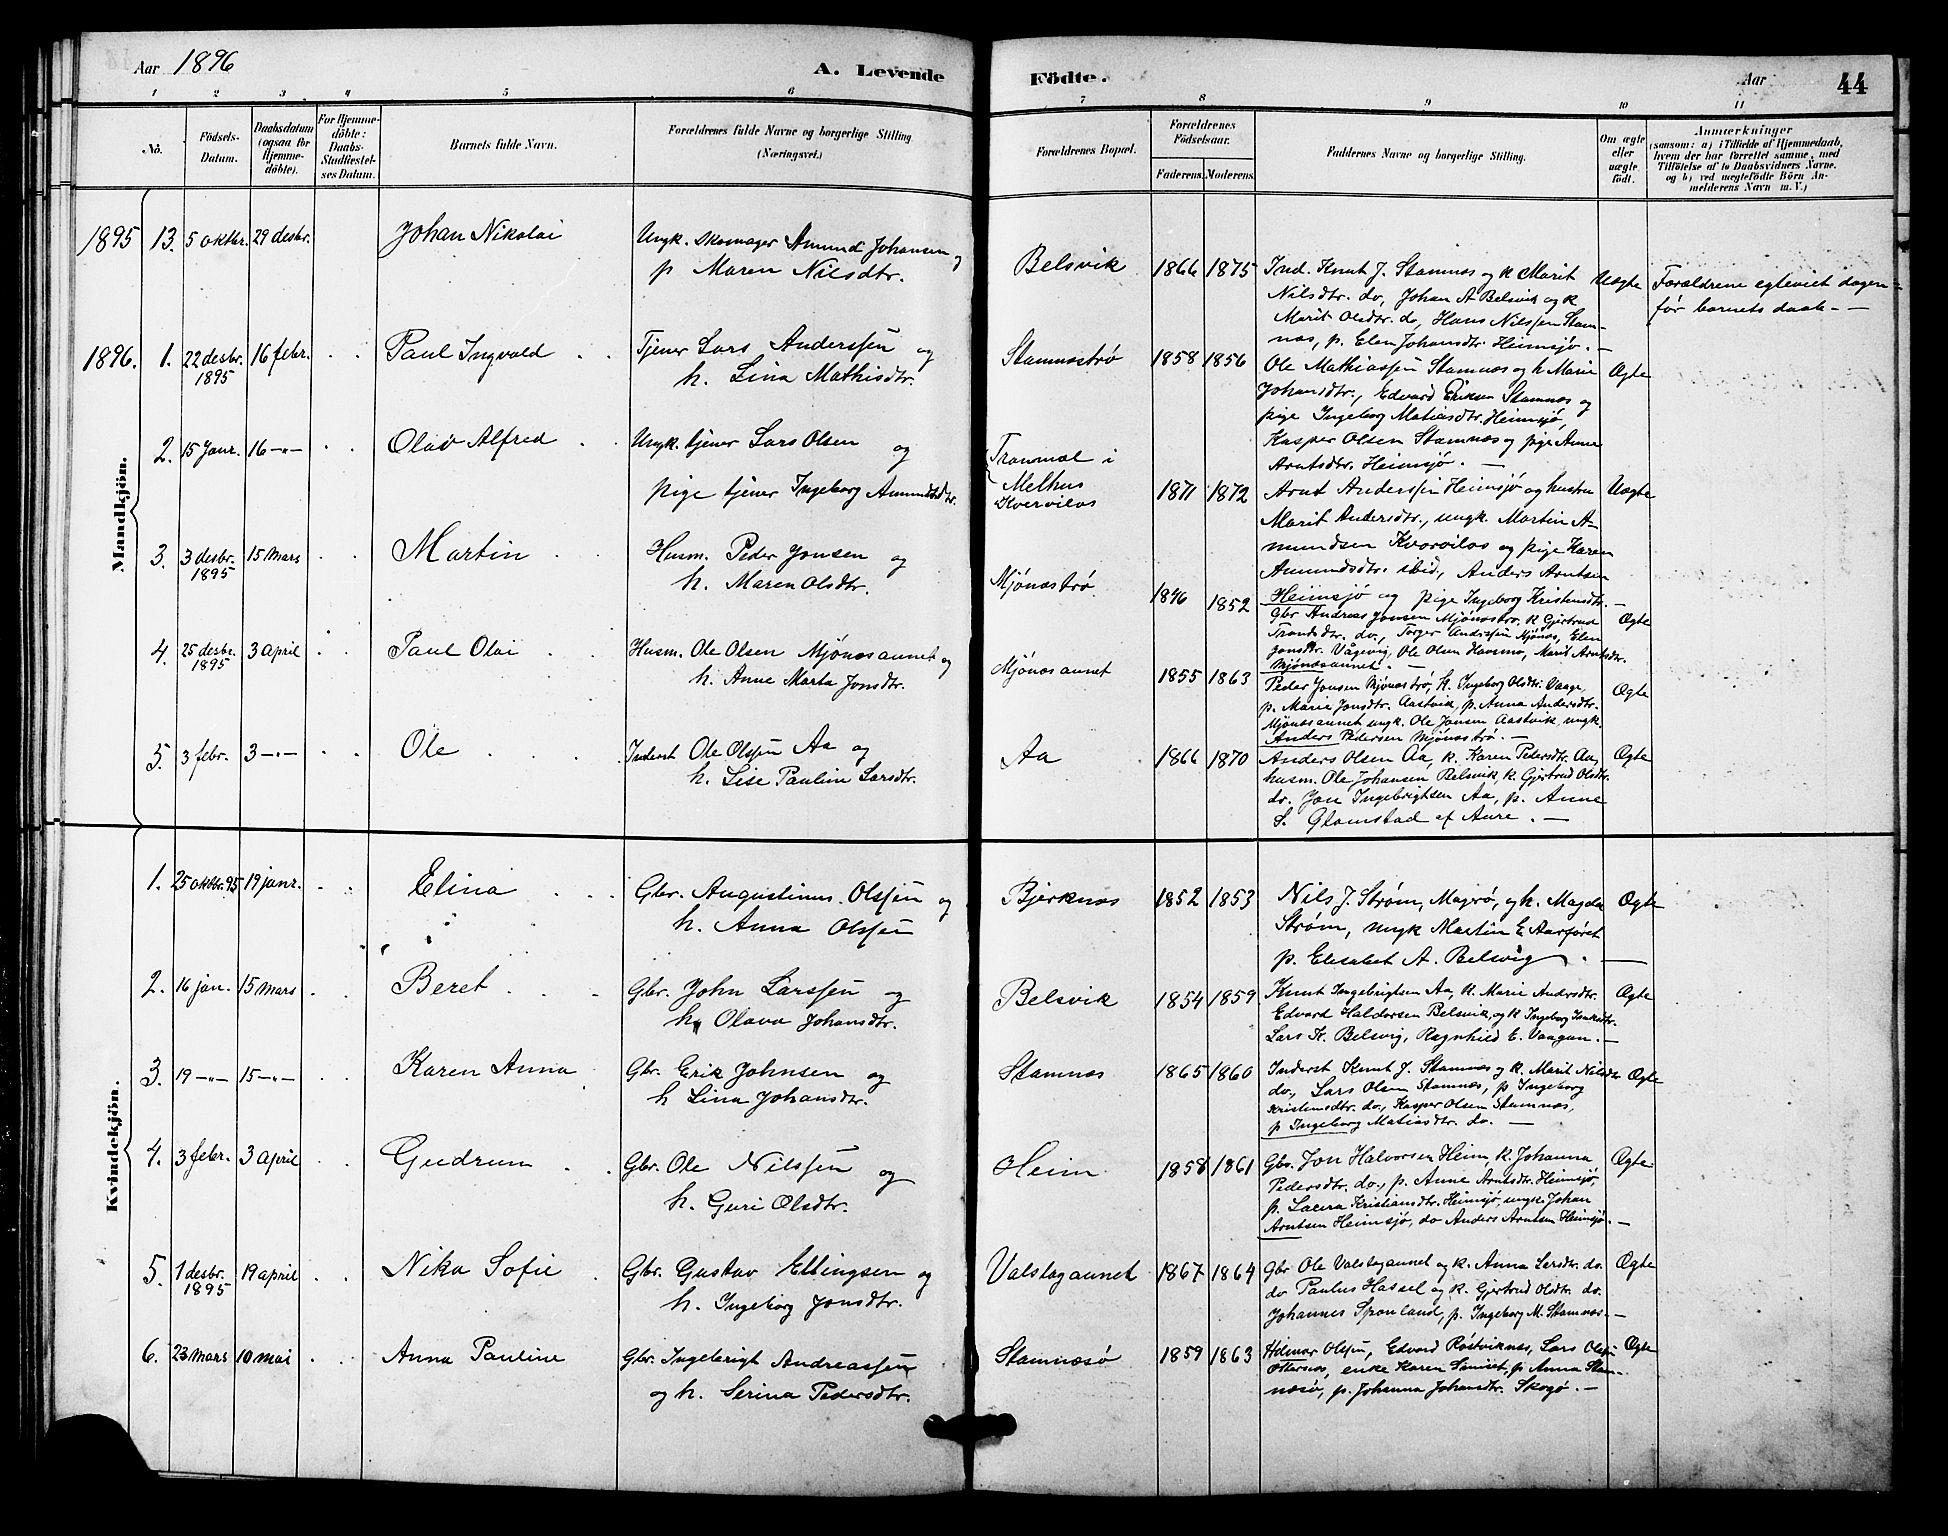 SAT, Ministerialprotokoller, klokkerbøker og fødselsregistre - Sør-Trøndelag, 633/L0519: Klokkerbok nr. 633C01, 1884-1905, s. 44